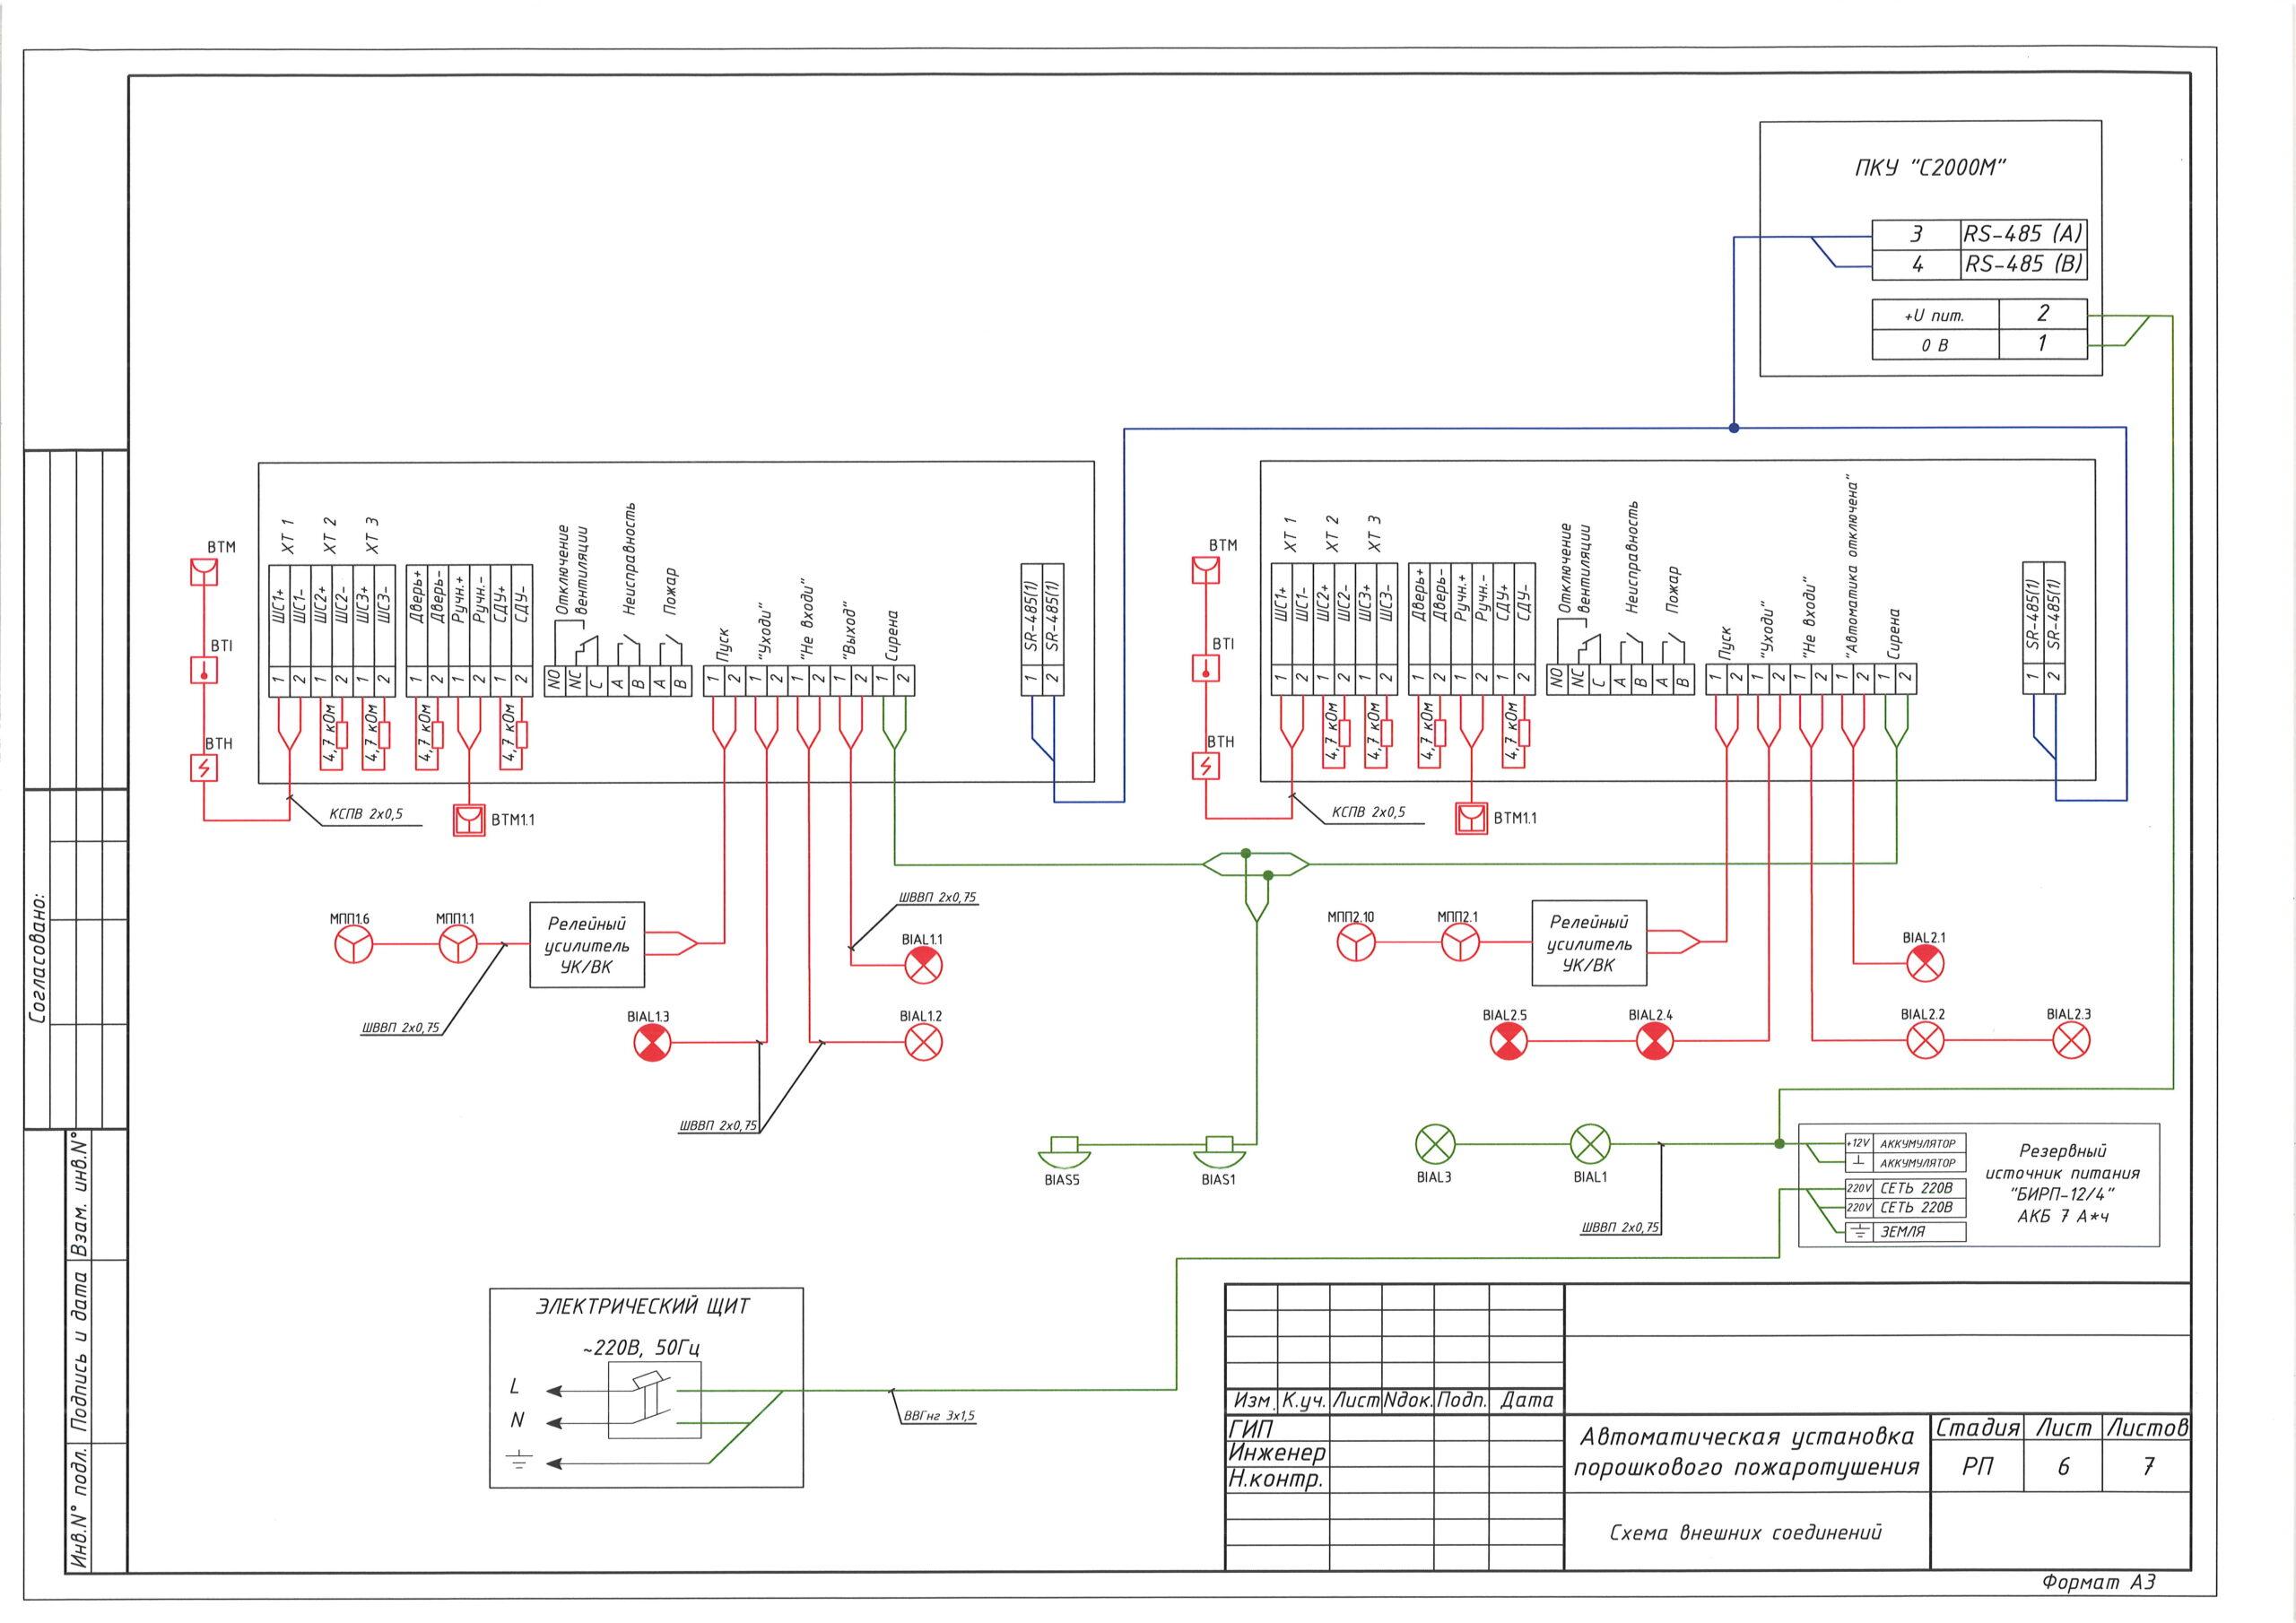 Монтаж и пусконаладка системы пожаротушения осуществляется на основе проекта.